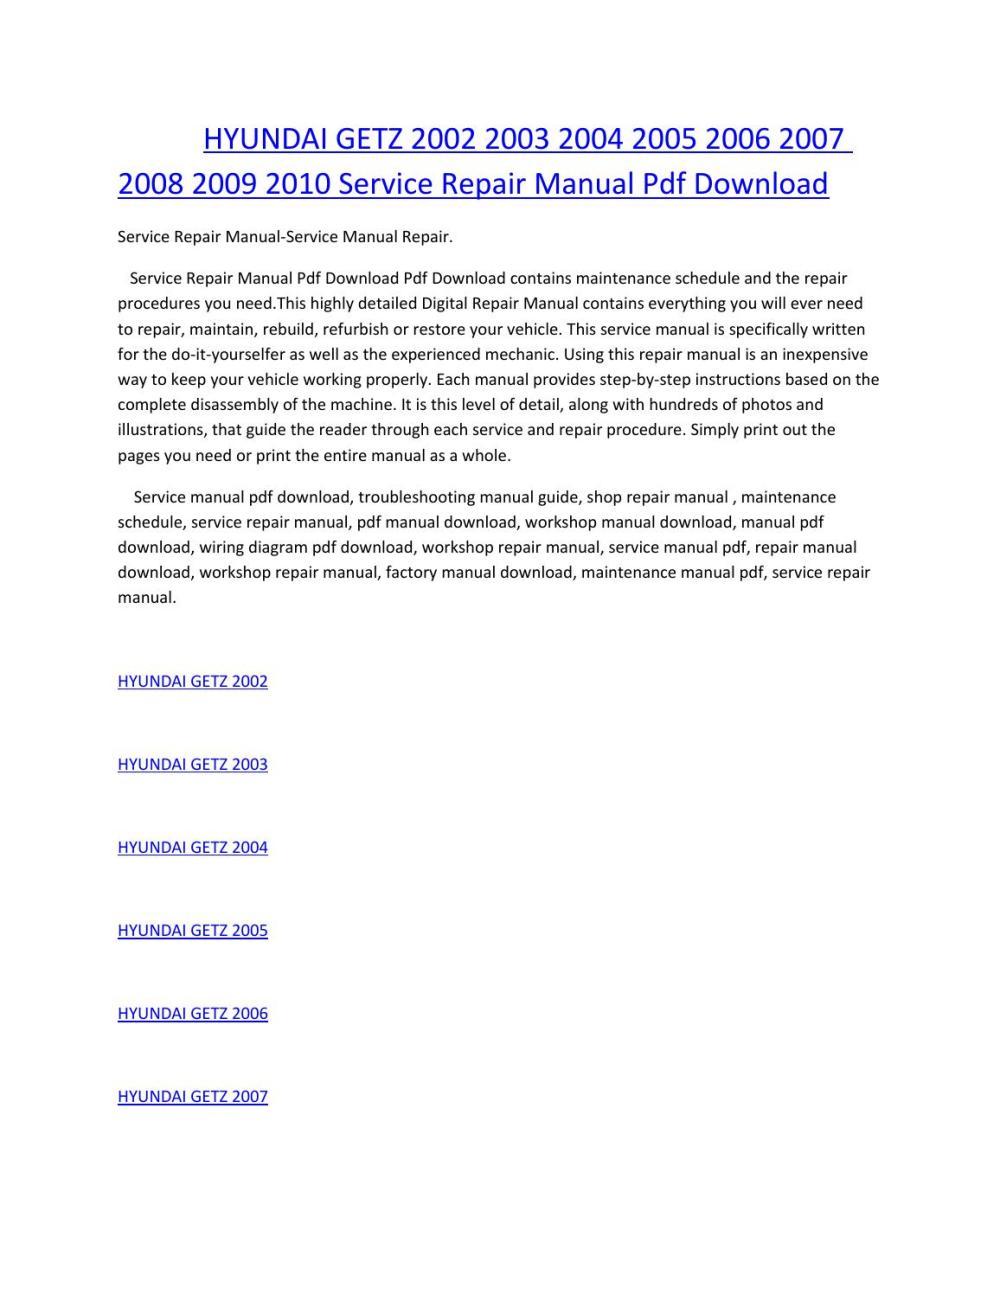 medium resolution of hyundai getz 2002 2003 2004 2005 2006 2007 2008 2009 2010 service manual repair pdf download